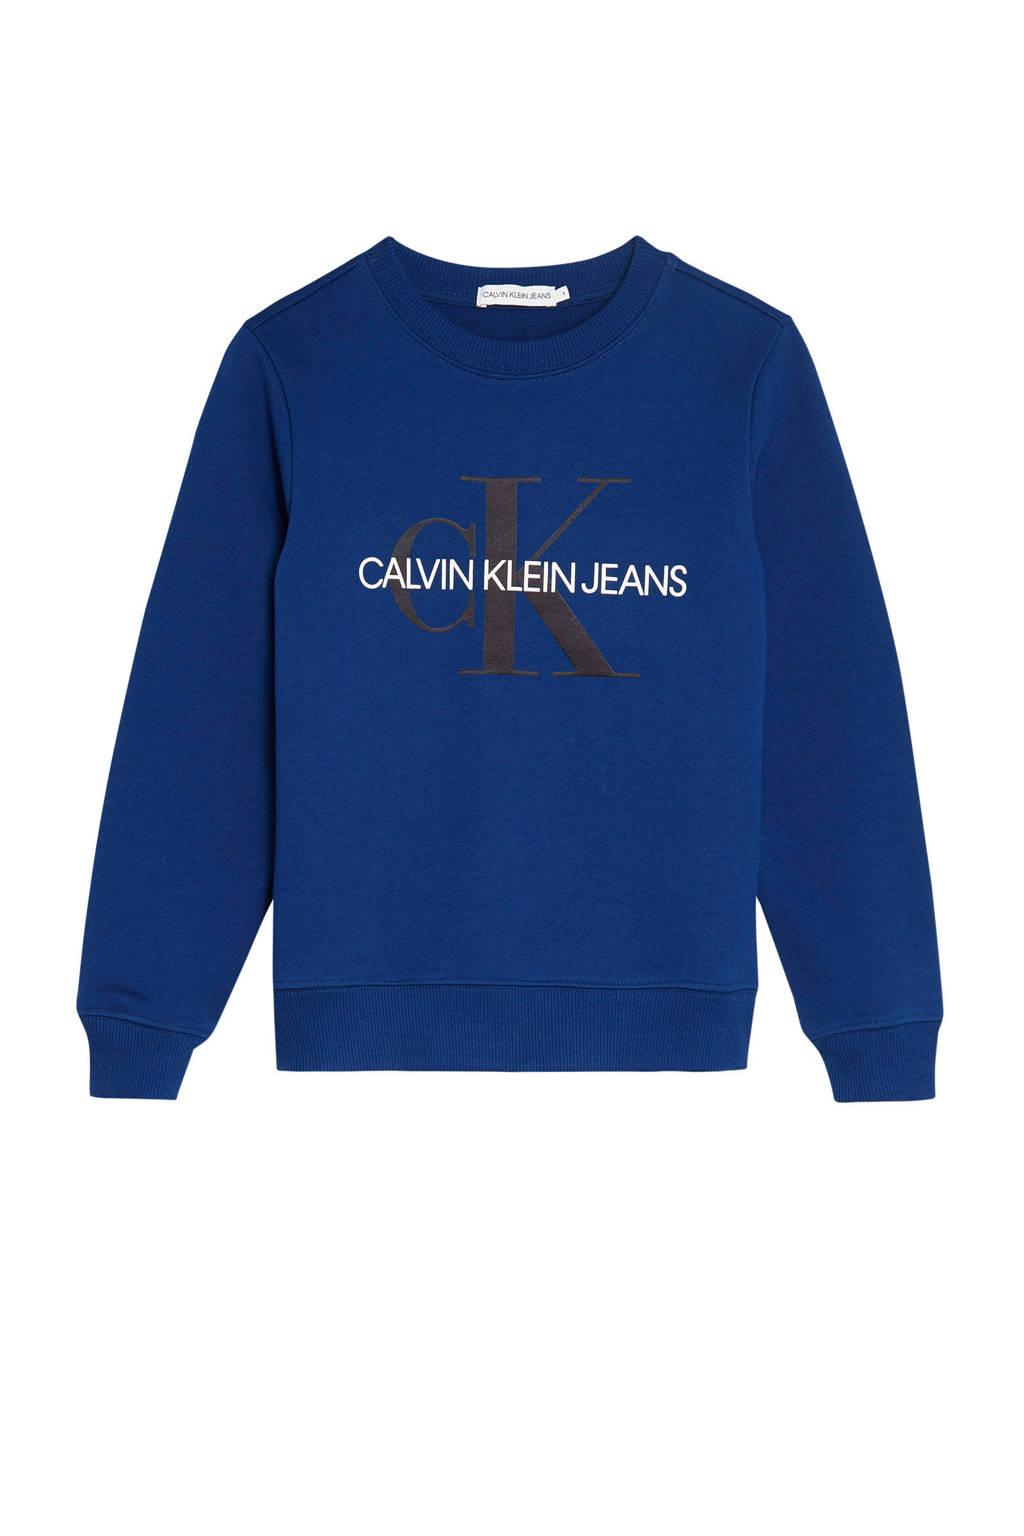 CALVIN KLEIN JEANS sweater met logo blauw/wit/zwart, Blauw/wit/zwart